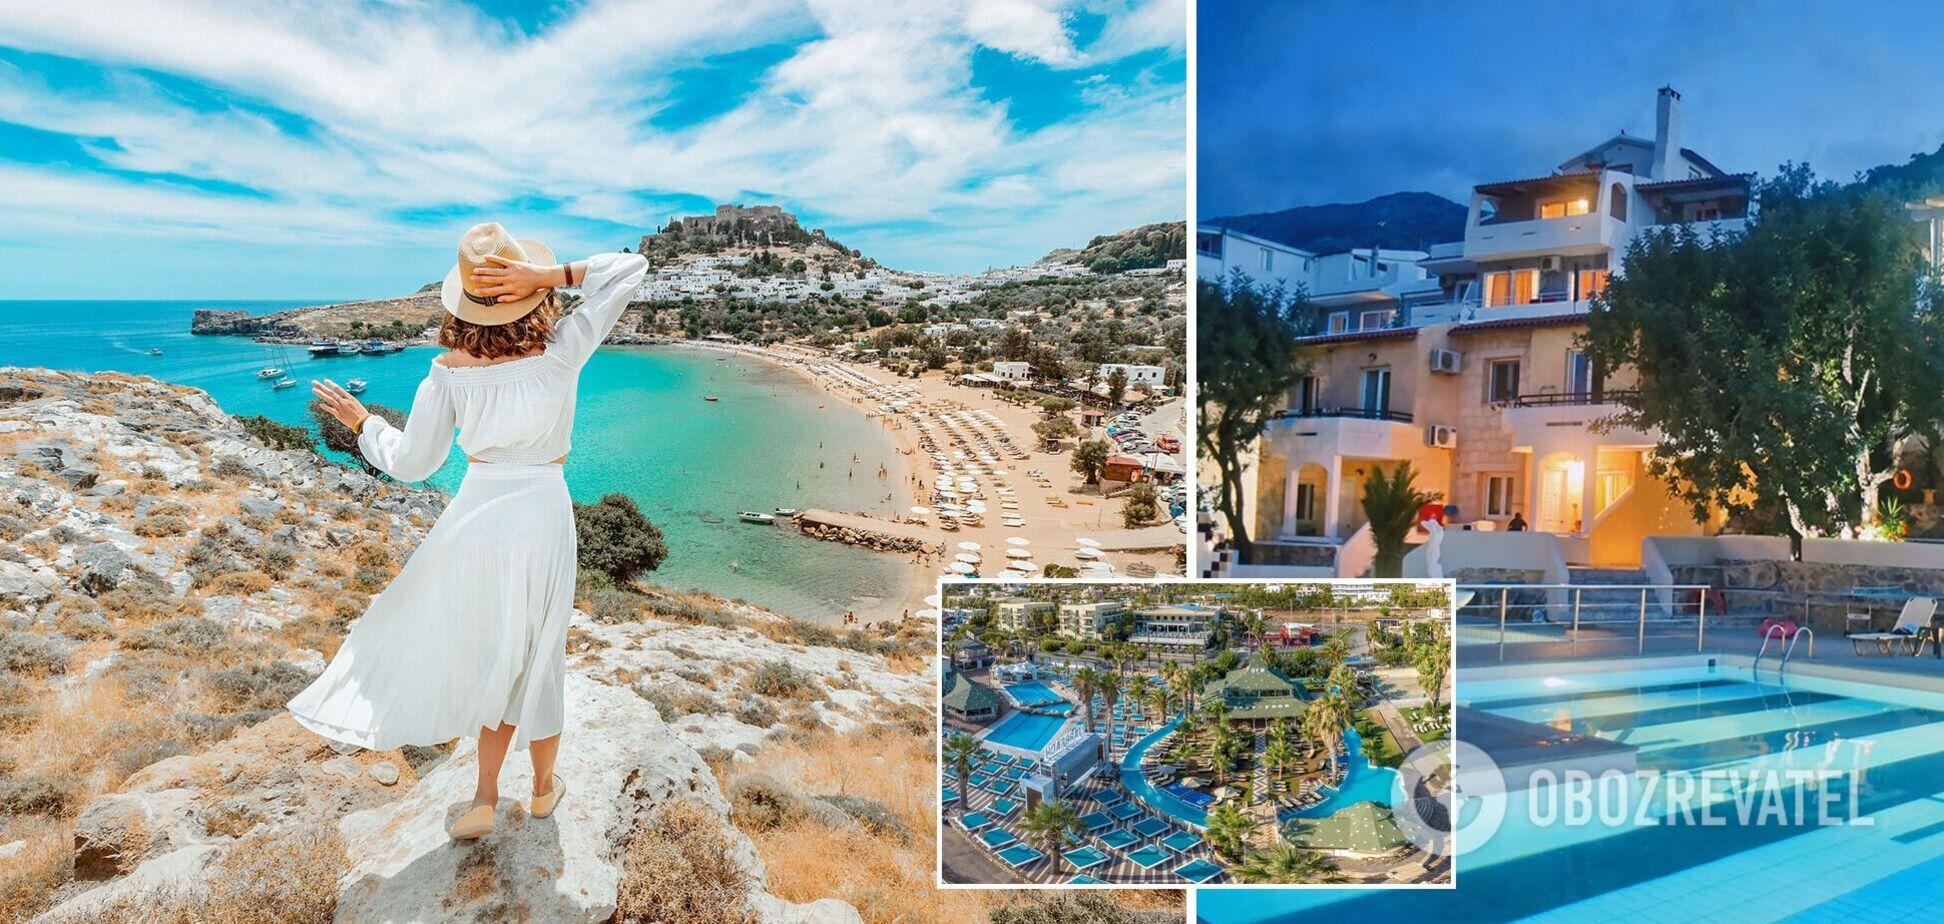 Оксамитовий сезон: як відпочивати у Греції, щоб повертатися сюди знову і знову